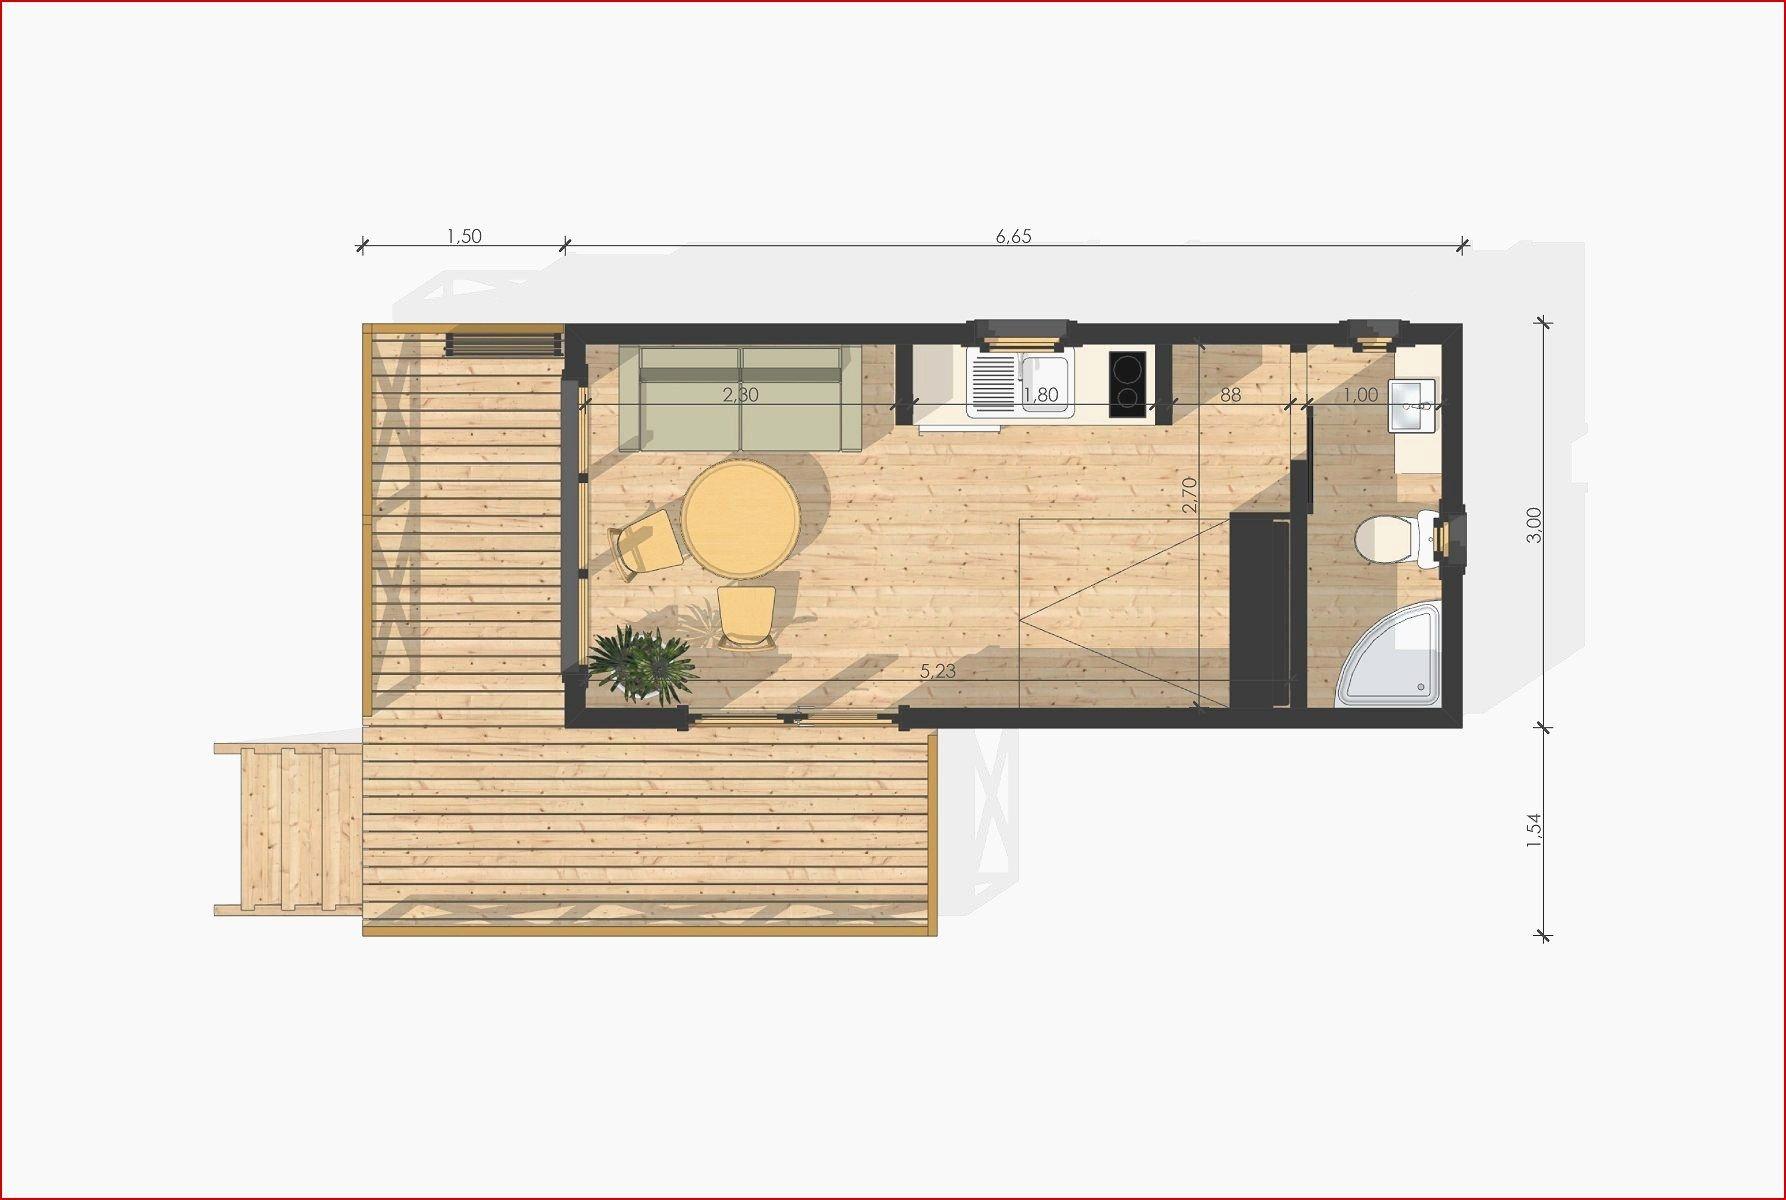 36 Plan De Maison Pour Permis De Construire Plan De La Maison Cottage Floor Plans Building